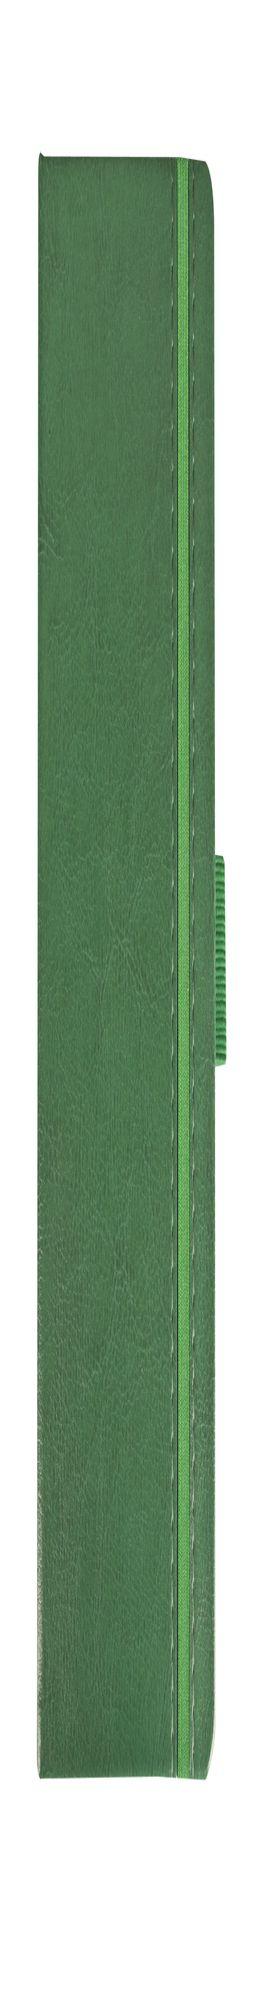 Ежедневник Lyric Mini, недатированный, зеленый фото